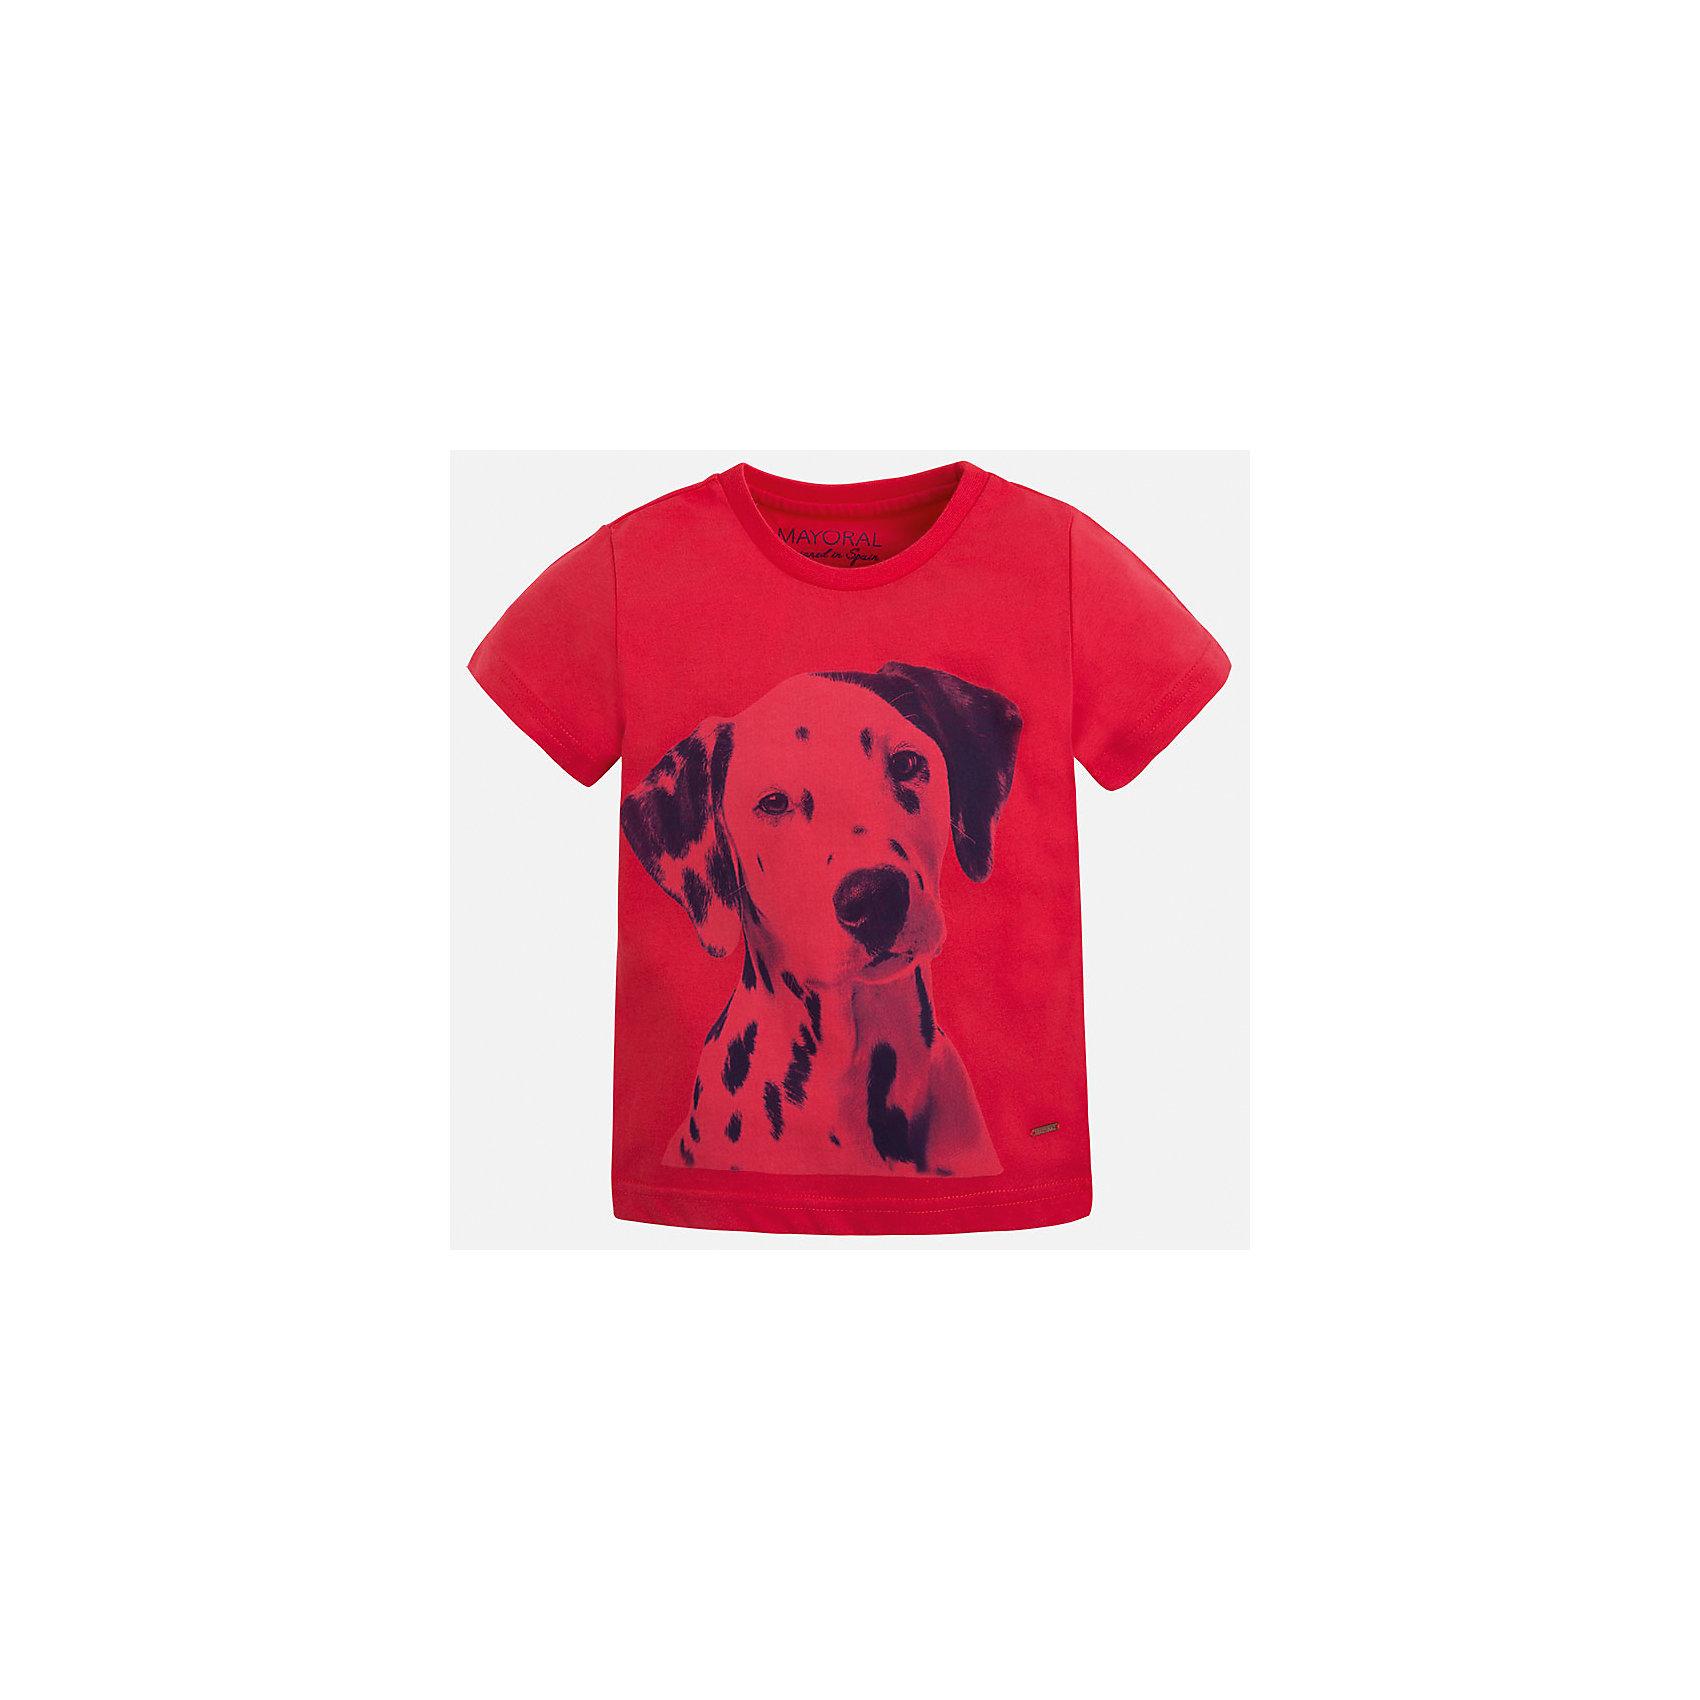 Футболка для мальчика MayoralФутболки, поло и топы<br>Характеристики товара:<br><br>• цвет: красный<br>• состав: 100% хлопок<br>• круглый горловой вырез<br>• декорирована принтом<br>• короткие рукава<br>• отделка горловины<br>• страна бренда: Испания<br><br>Модная удобная футболка с принтом поможет разнообразить гардероб мальчика. Она отлично сочетается с брюками, шортами, джинсами. Универсальный крой и цвет позволяет подобрать к вещи низ разных расцветок. Практичное и стильное изделие! Хорошо смотрится и комфортно сидит на детях. В составе материала - только натуральный хлопок, гипоаллергенный, приятный на ощупь, дышащий. <br><br>Одежда, обувь и аксессуары от испанского бренда Mayoral полюбились детям и взрослым по всему миру. Модели этой марки - стильные и удобные. Для их производства используются только безопасные, качественные материалы и фурнитура. Порадуйте ребенка модными и красивыми вещами от Mayoral! <br><br>Футболку для мальчика от испанского бренда Mayoral (Майорал) можно купить в нашем интернет-магазине.<br><br>Ширина мм: 199<br>Глубина мм: 10<br>Высота мм: 161<br>Вес г: 151<br>Цвет: красный<br>Возраст от месяцев: 36<br>Возраст до месяцев: 48<br>Пол: Мужской<br>Возраст: Детский<br>Размер: 104,98,92,134,128,122,116,110<br>SKU: 5279963